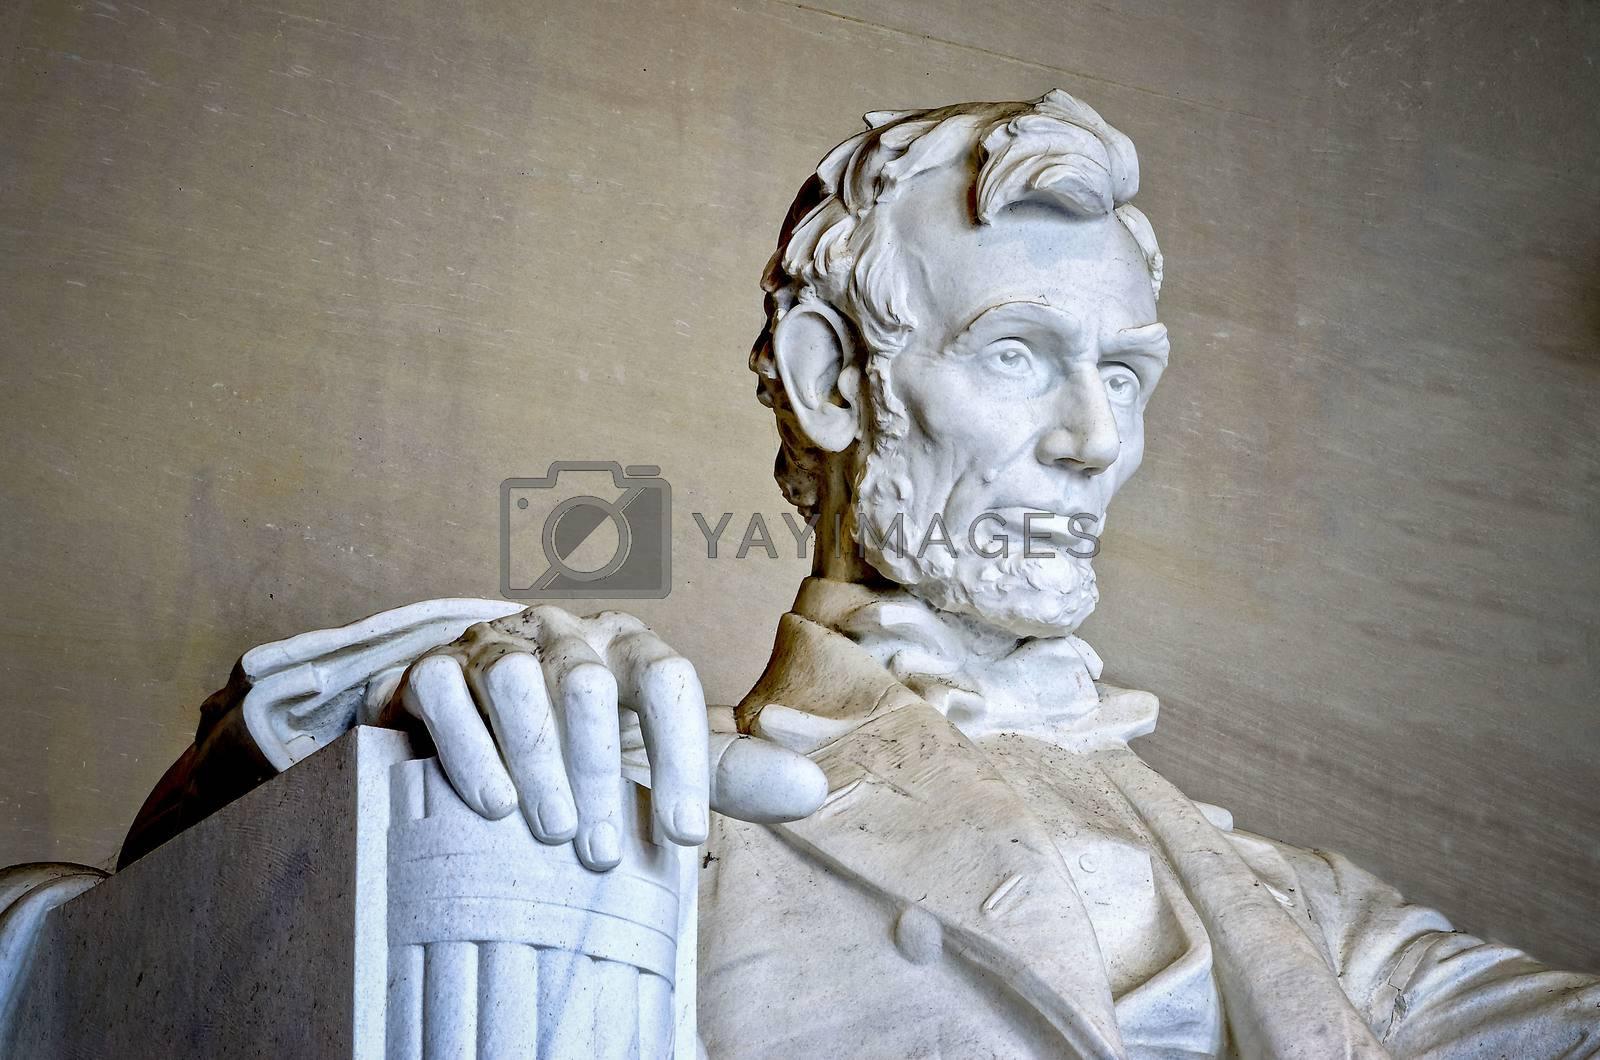 Lincoln Memorial, Washington DC, USA